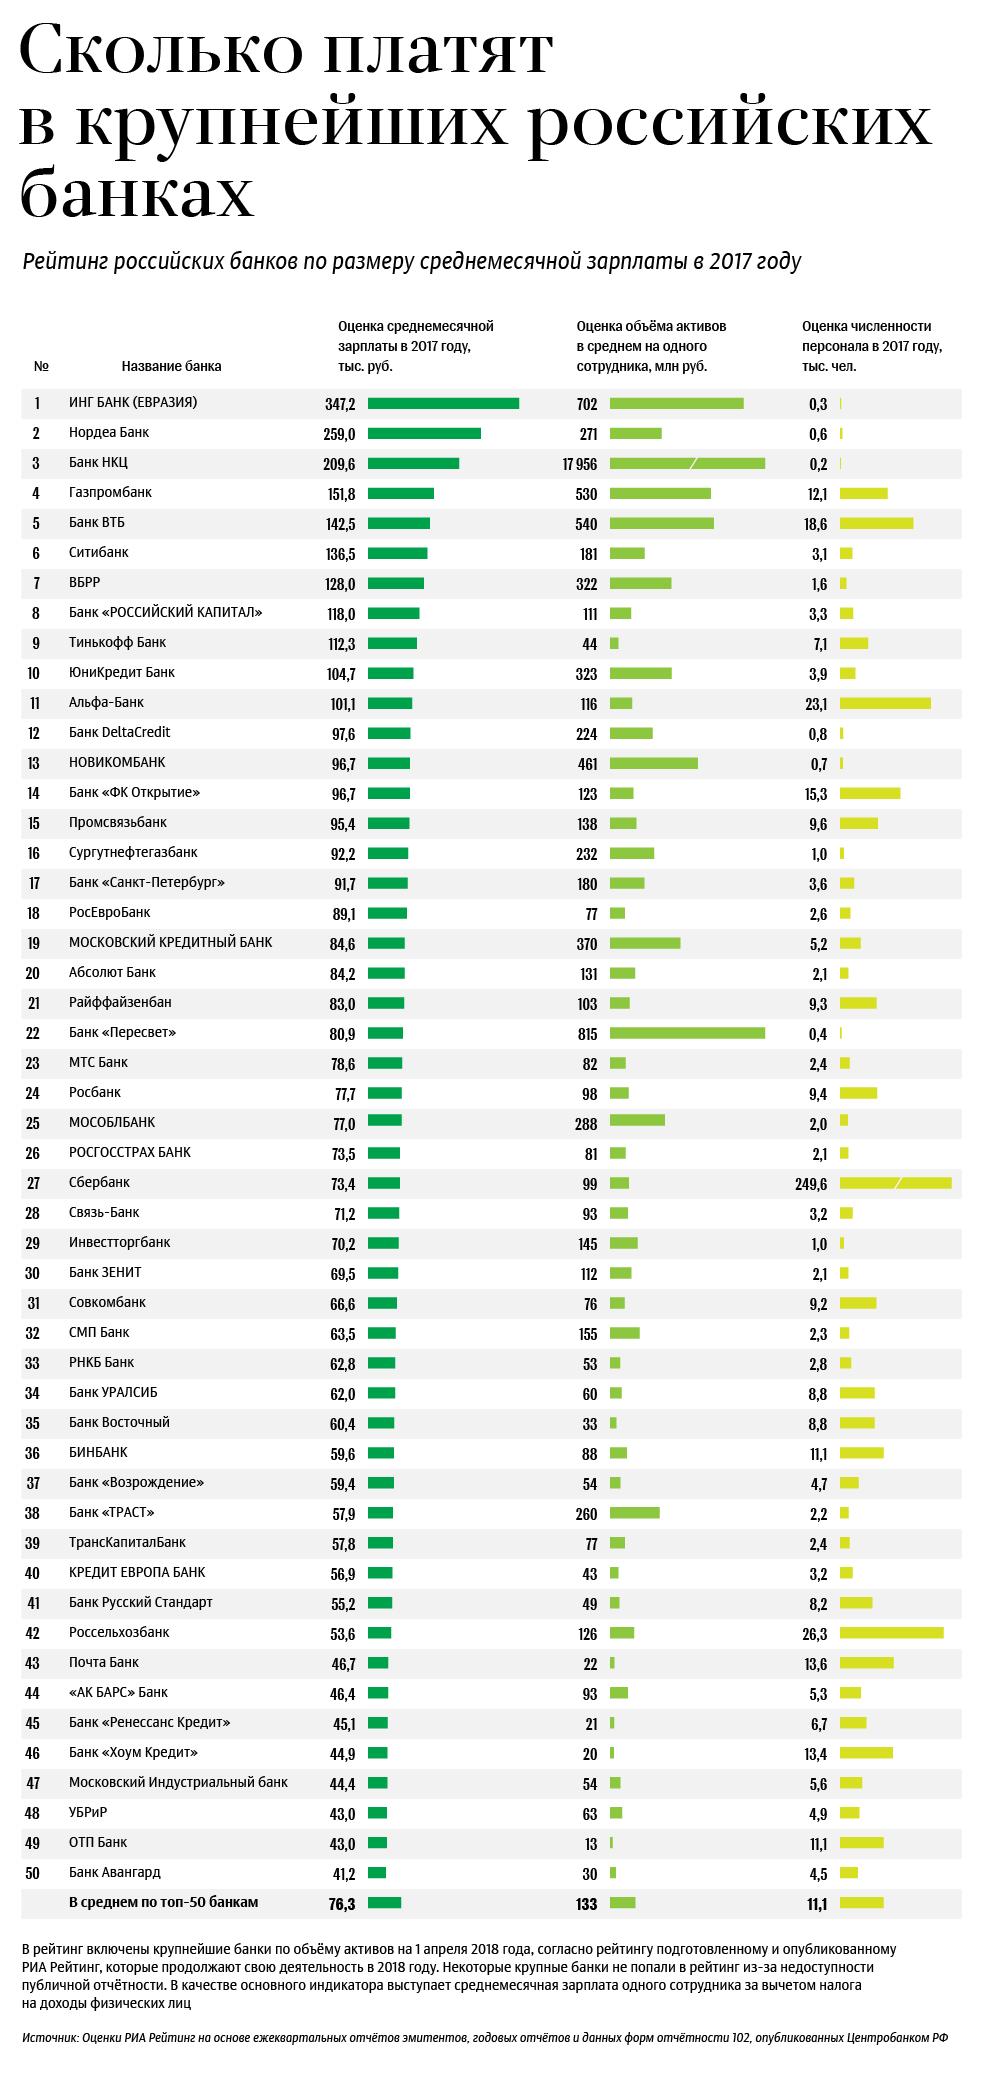 Зарплаты в крупнейших банка России в 2017 году